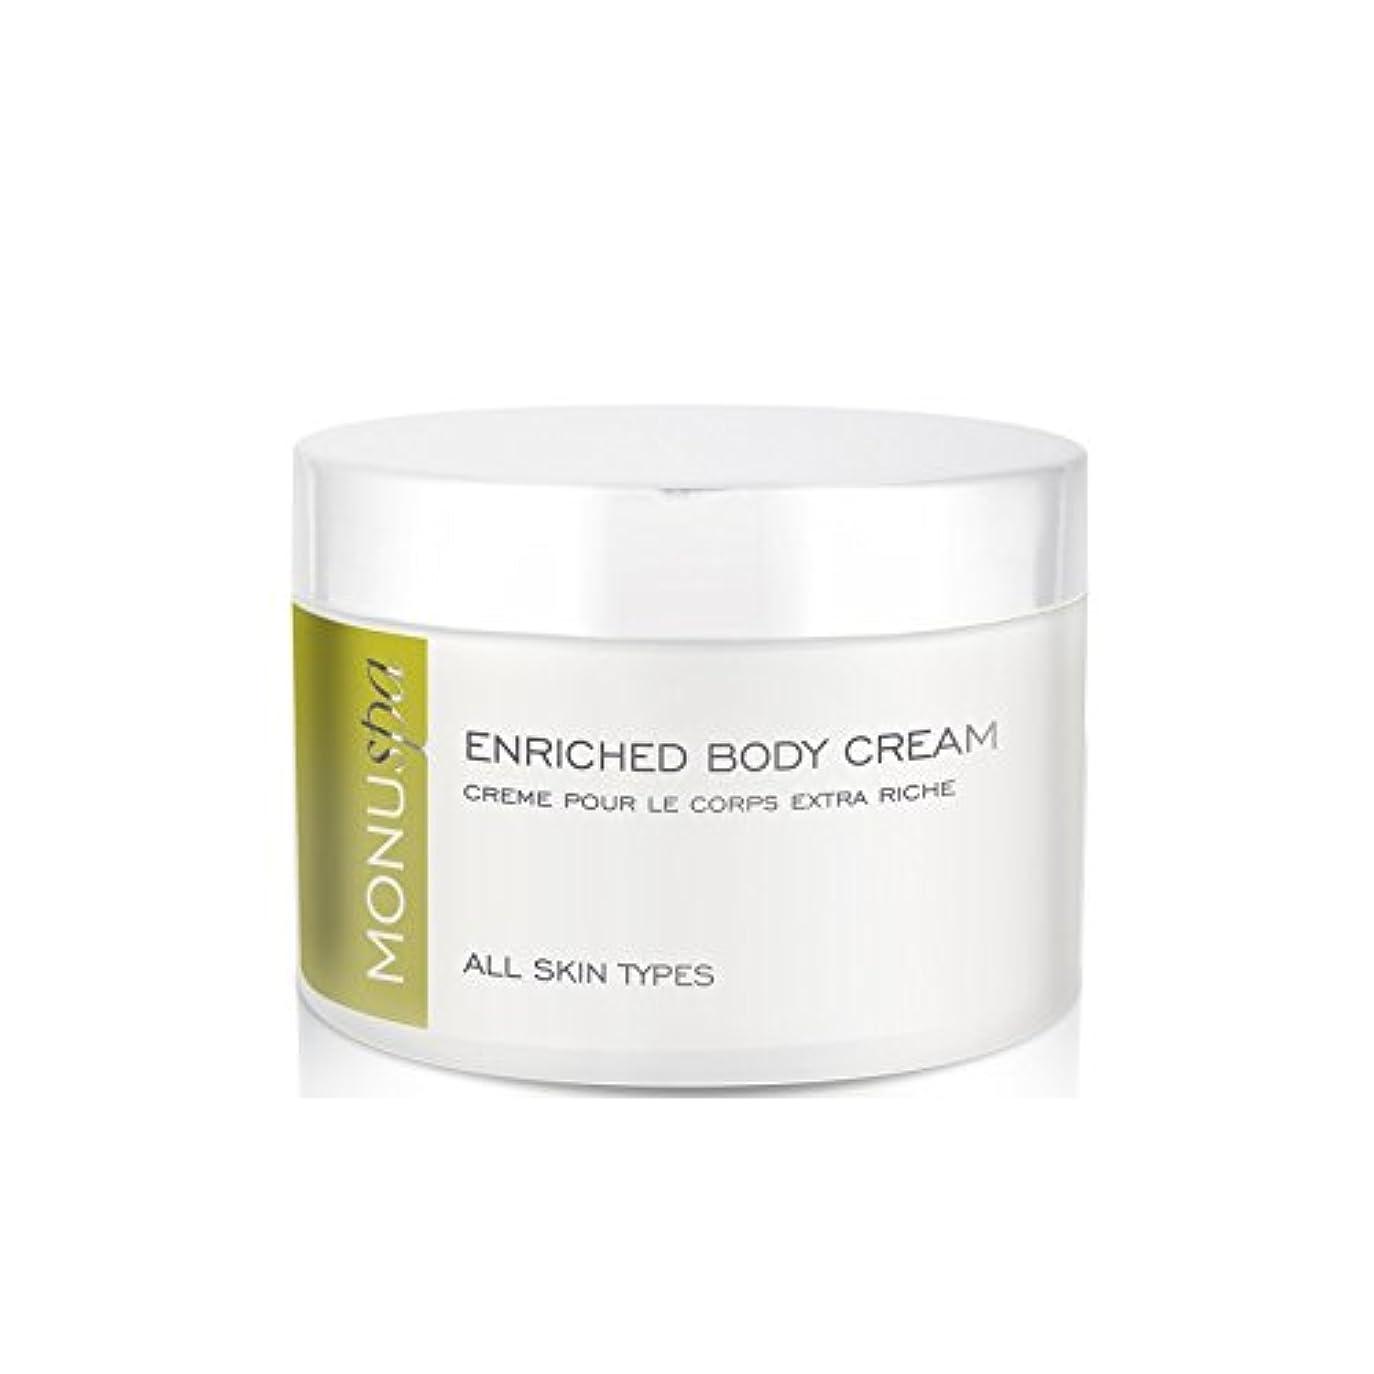 長方形レンジ脚本家濃縮ボディクリーム200ミリリットル x4 - MONUspa Enriched Body Cream 200ml (Pack of 4) [並行輸入品]